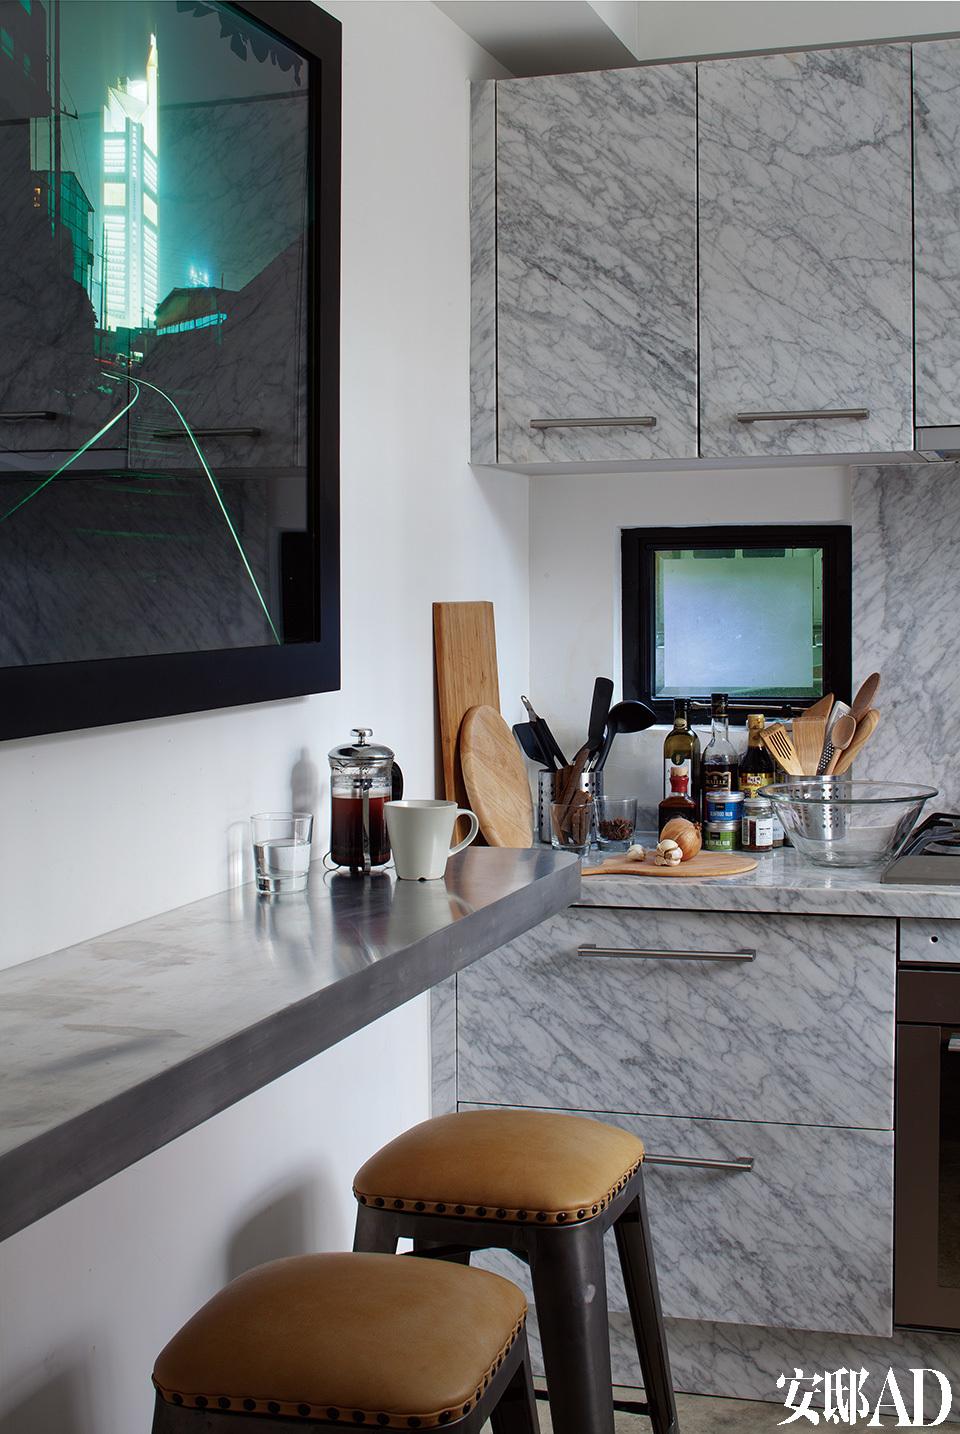 厨房的定制整体橱柜使用了意大利大理石材质,带来一点奢华之感。侧墙上挂的是蒋鹏奕的摄影作品《发光体》。全套定制的浅色大理石面整体橱柜,打造了高品质的厨房,热爱美食的意大利人必然珍视这样一处空间。